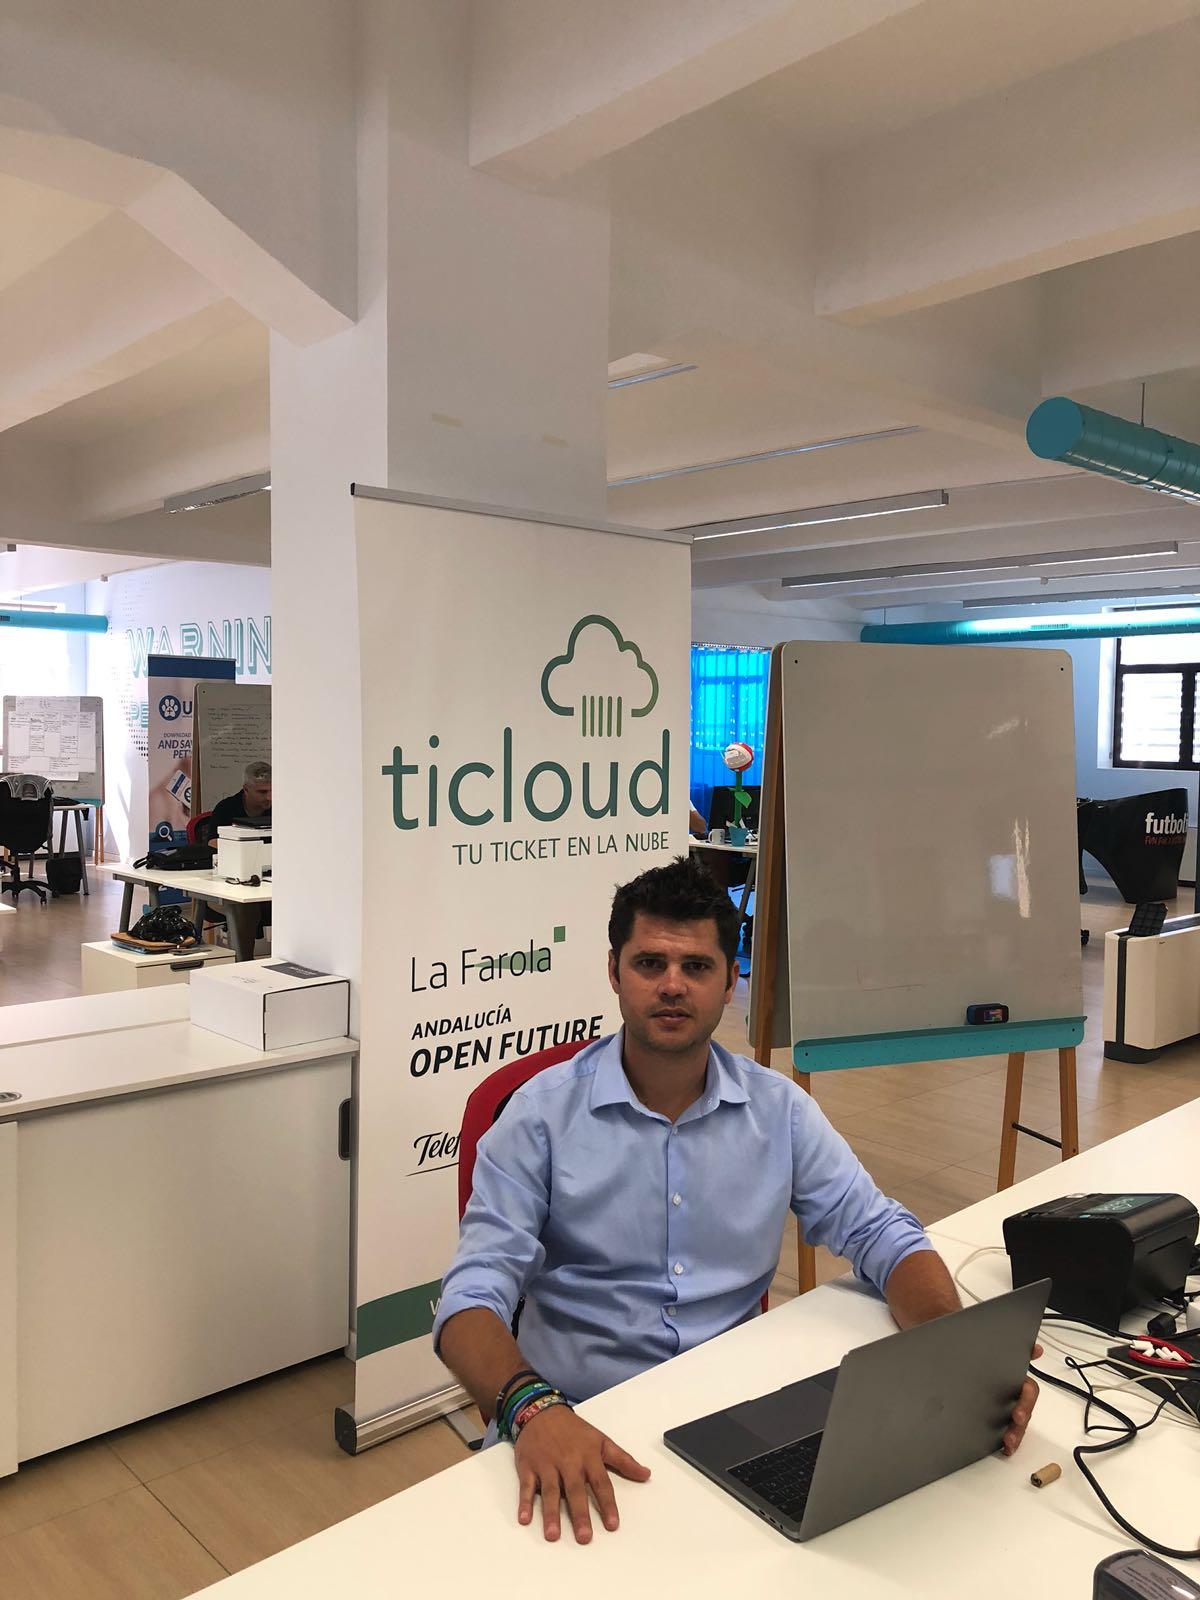 Entrevista – Alejandro Martín, fundador de Ticloud